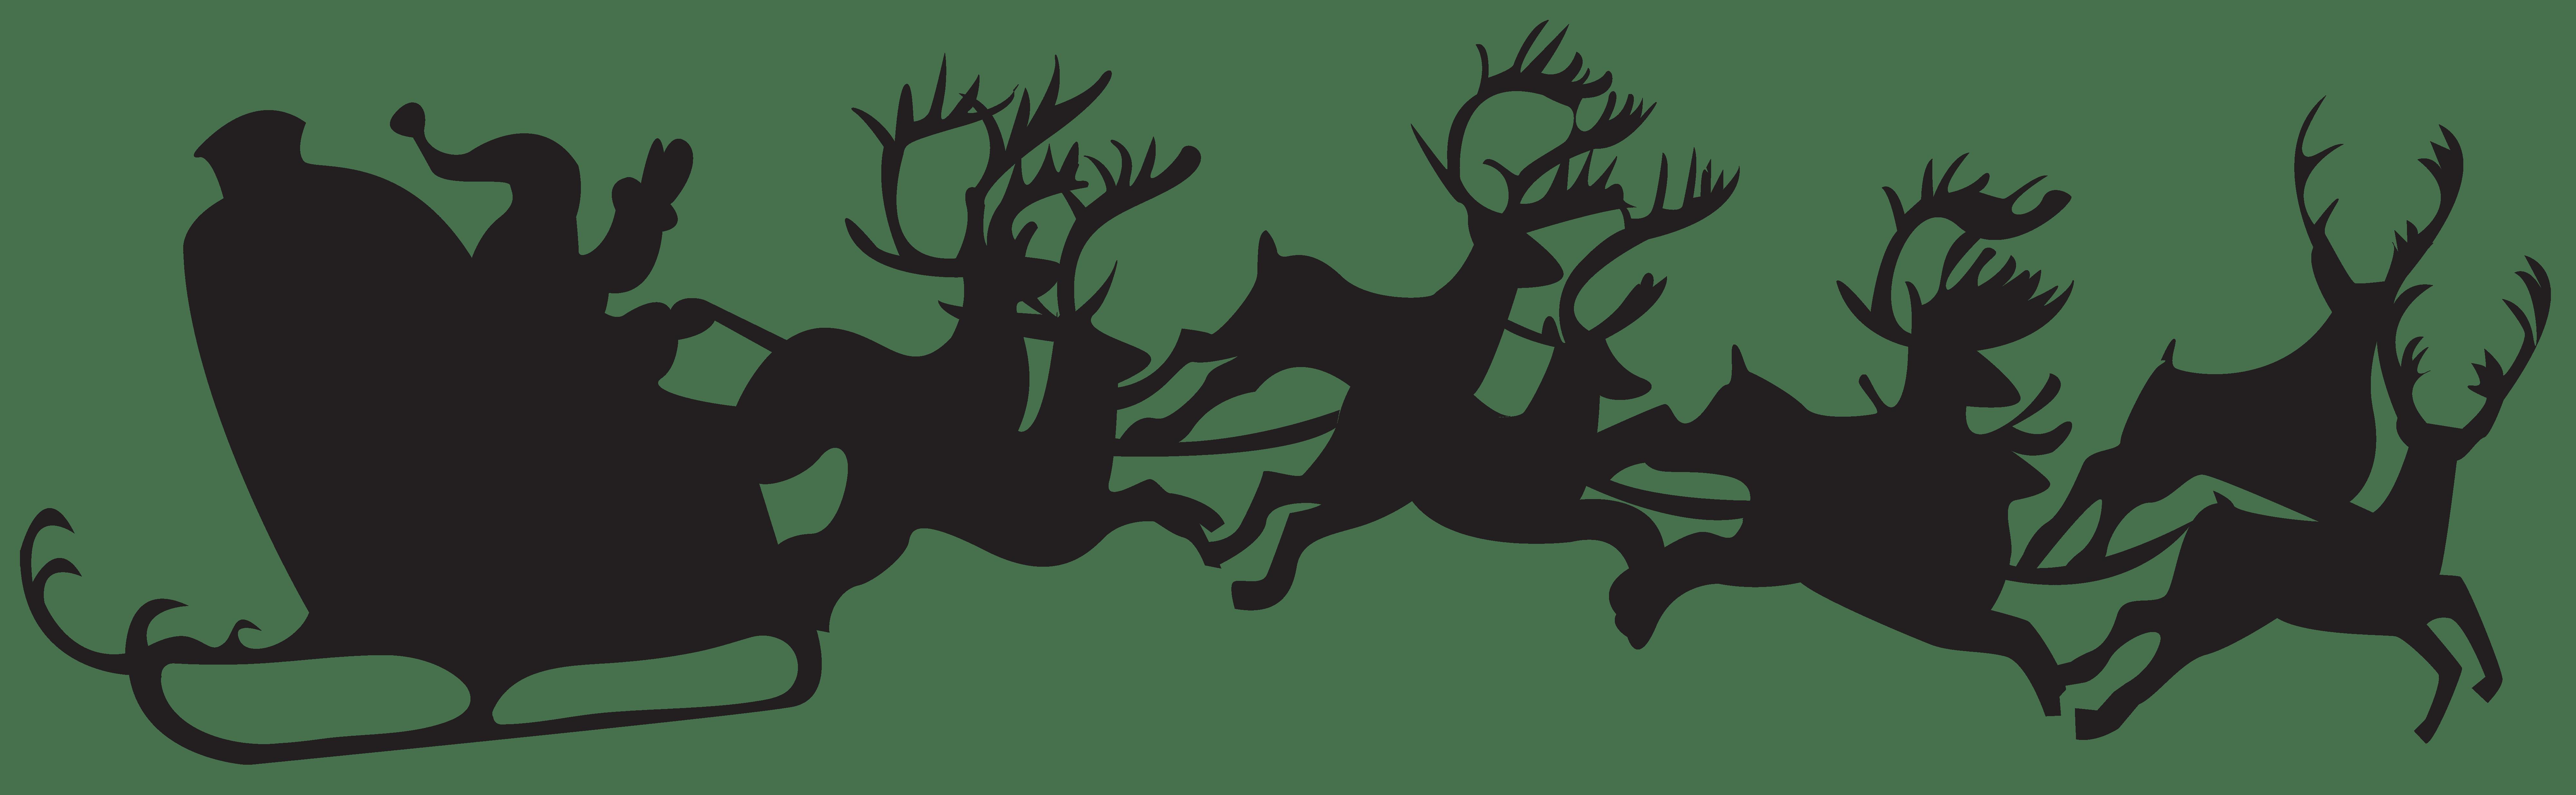 sleigh clipart grinch